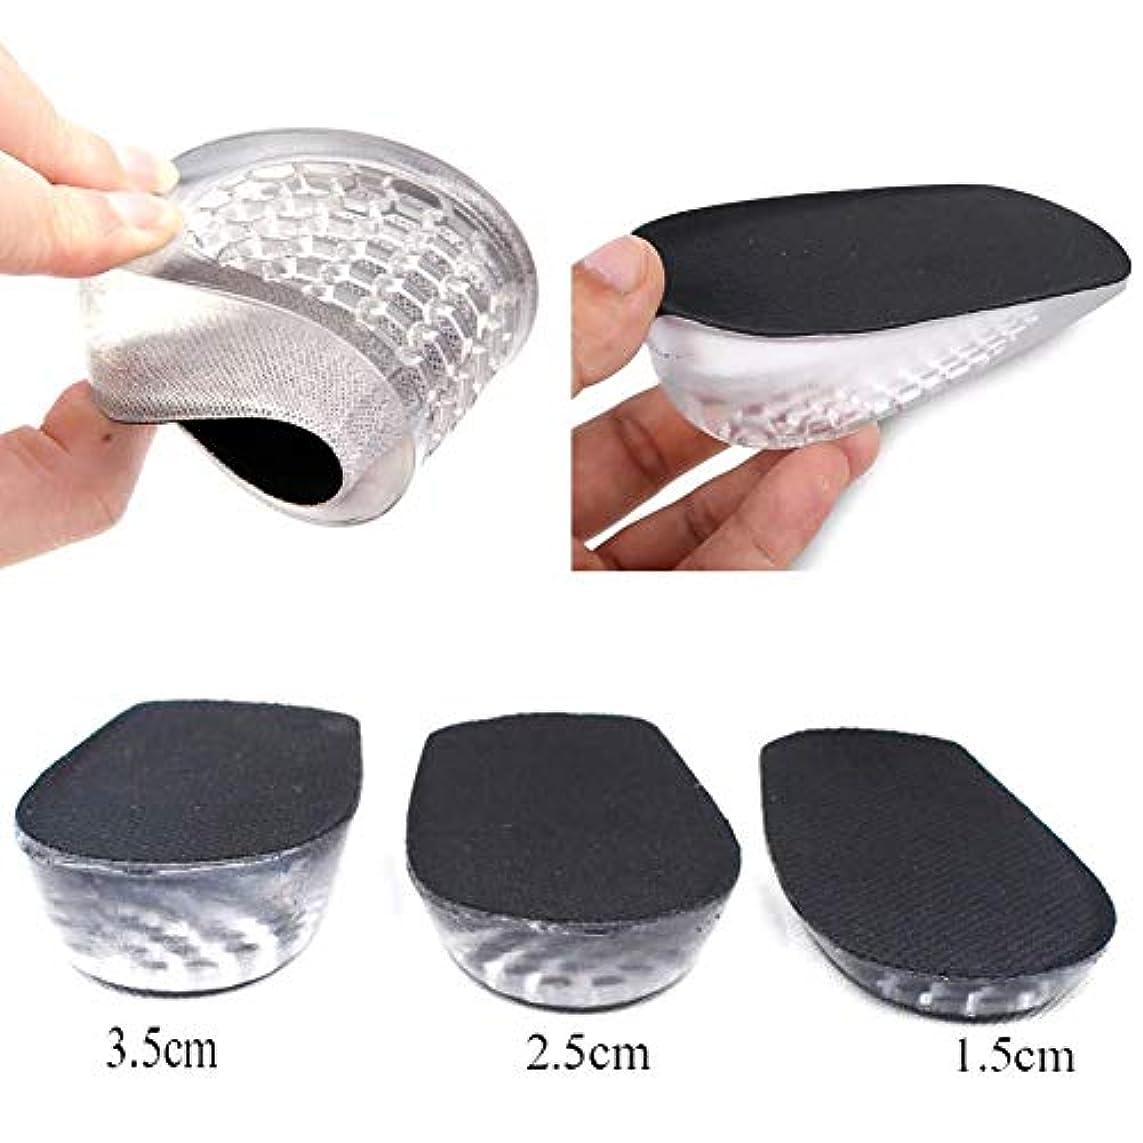 ベール怒っているキャップBixiangji 女性のための1ペアインソールアーチサポートパッド男性シリコーンゲル増加パッド (Color : Men black, Shoe Size : 3.5)